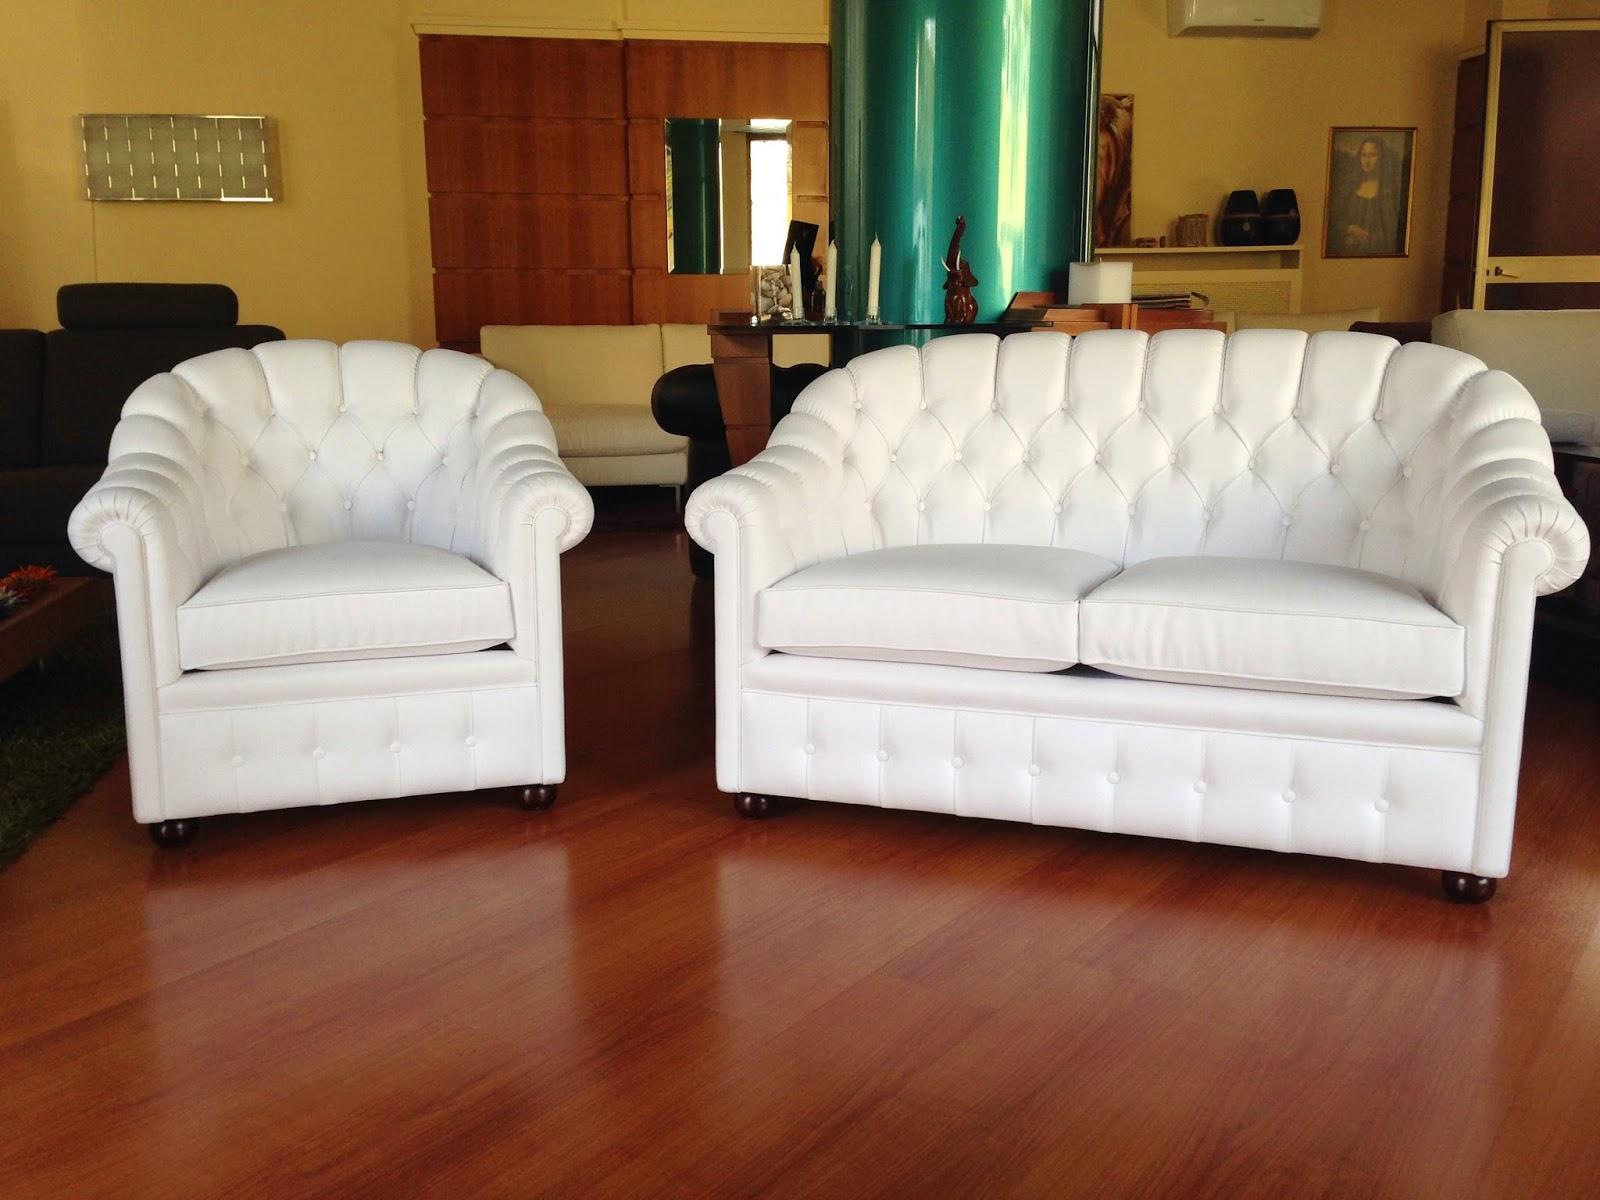 Divani blog tino mariani divano e poltrona chesterino for Divano e poltrona